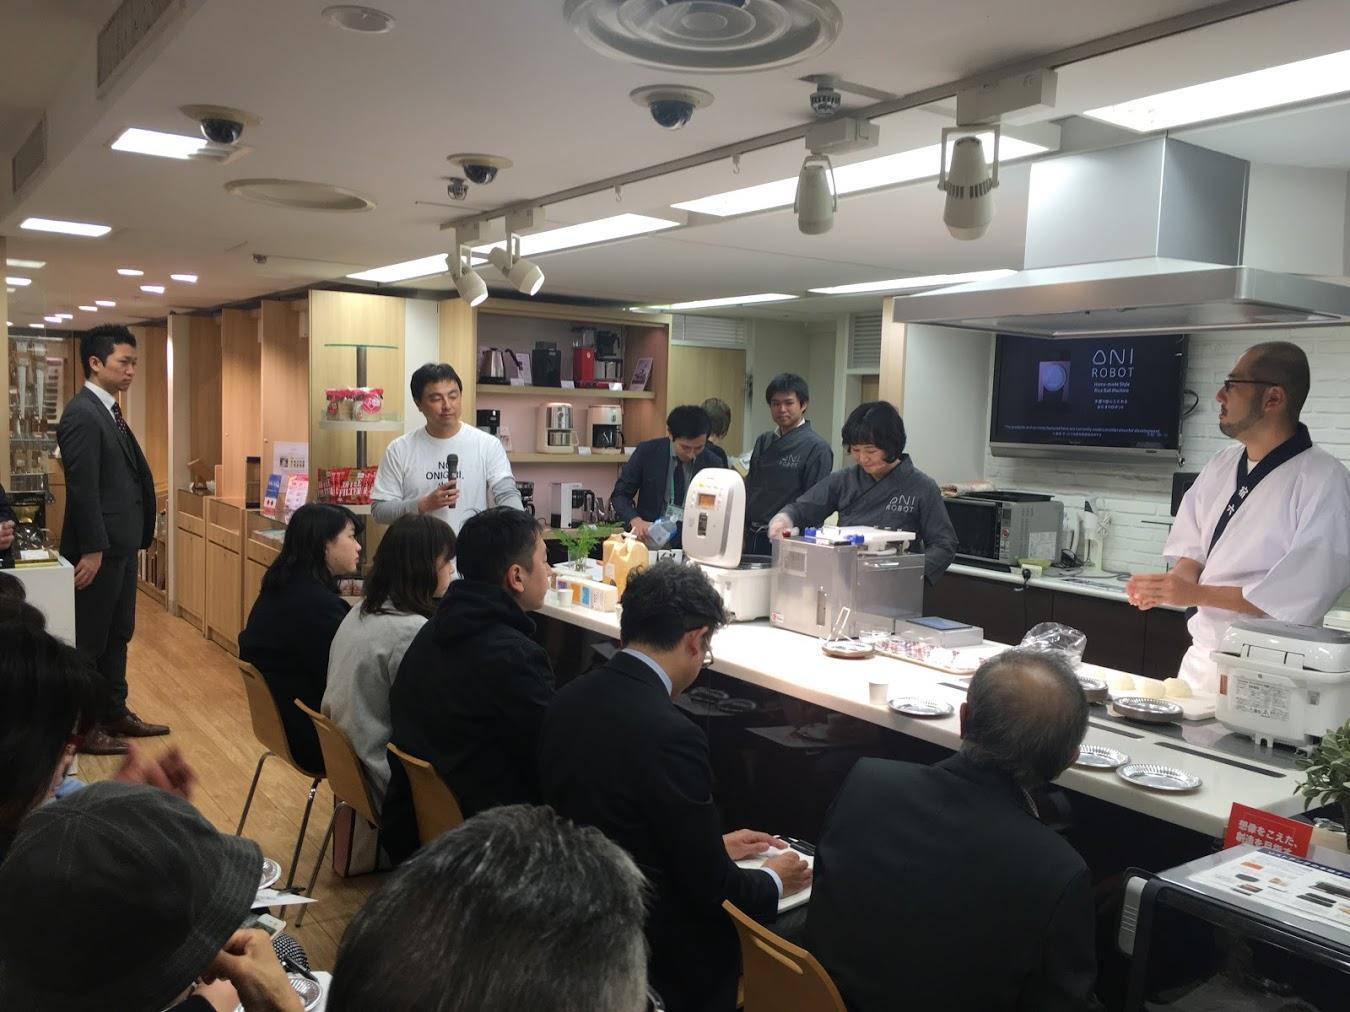 12_イベントの様子_At event venue.JPG